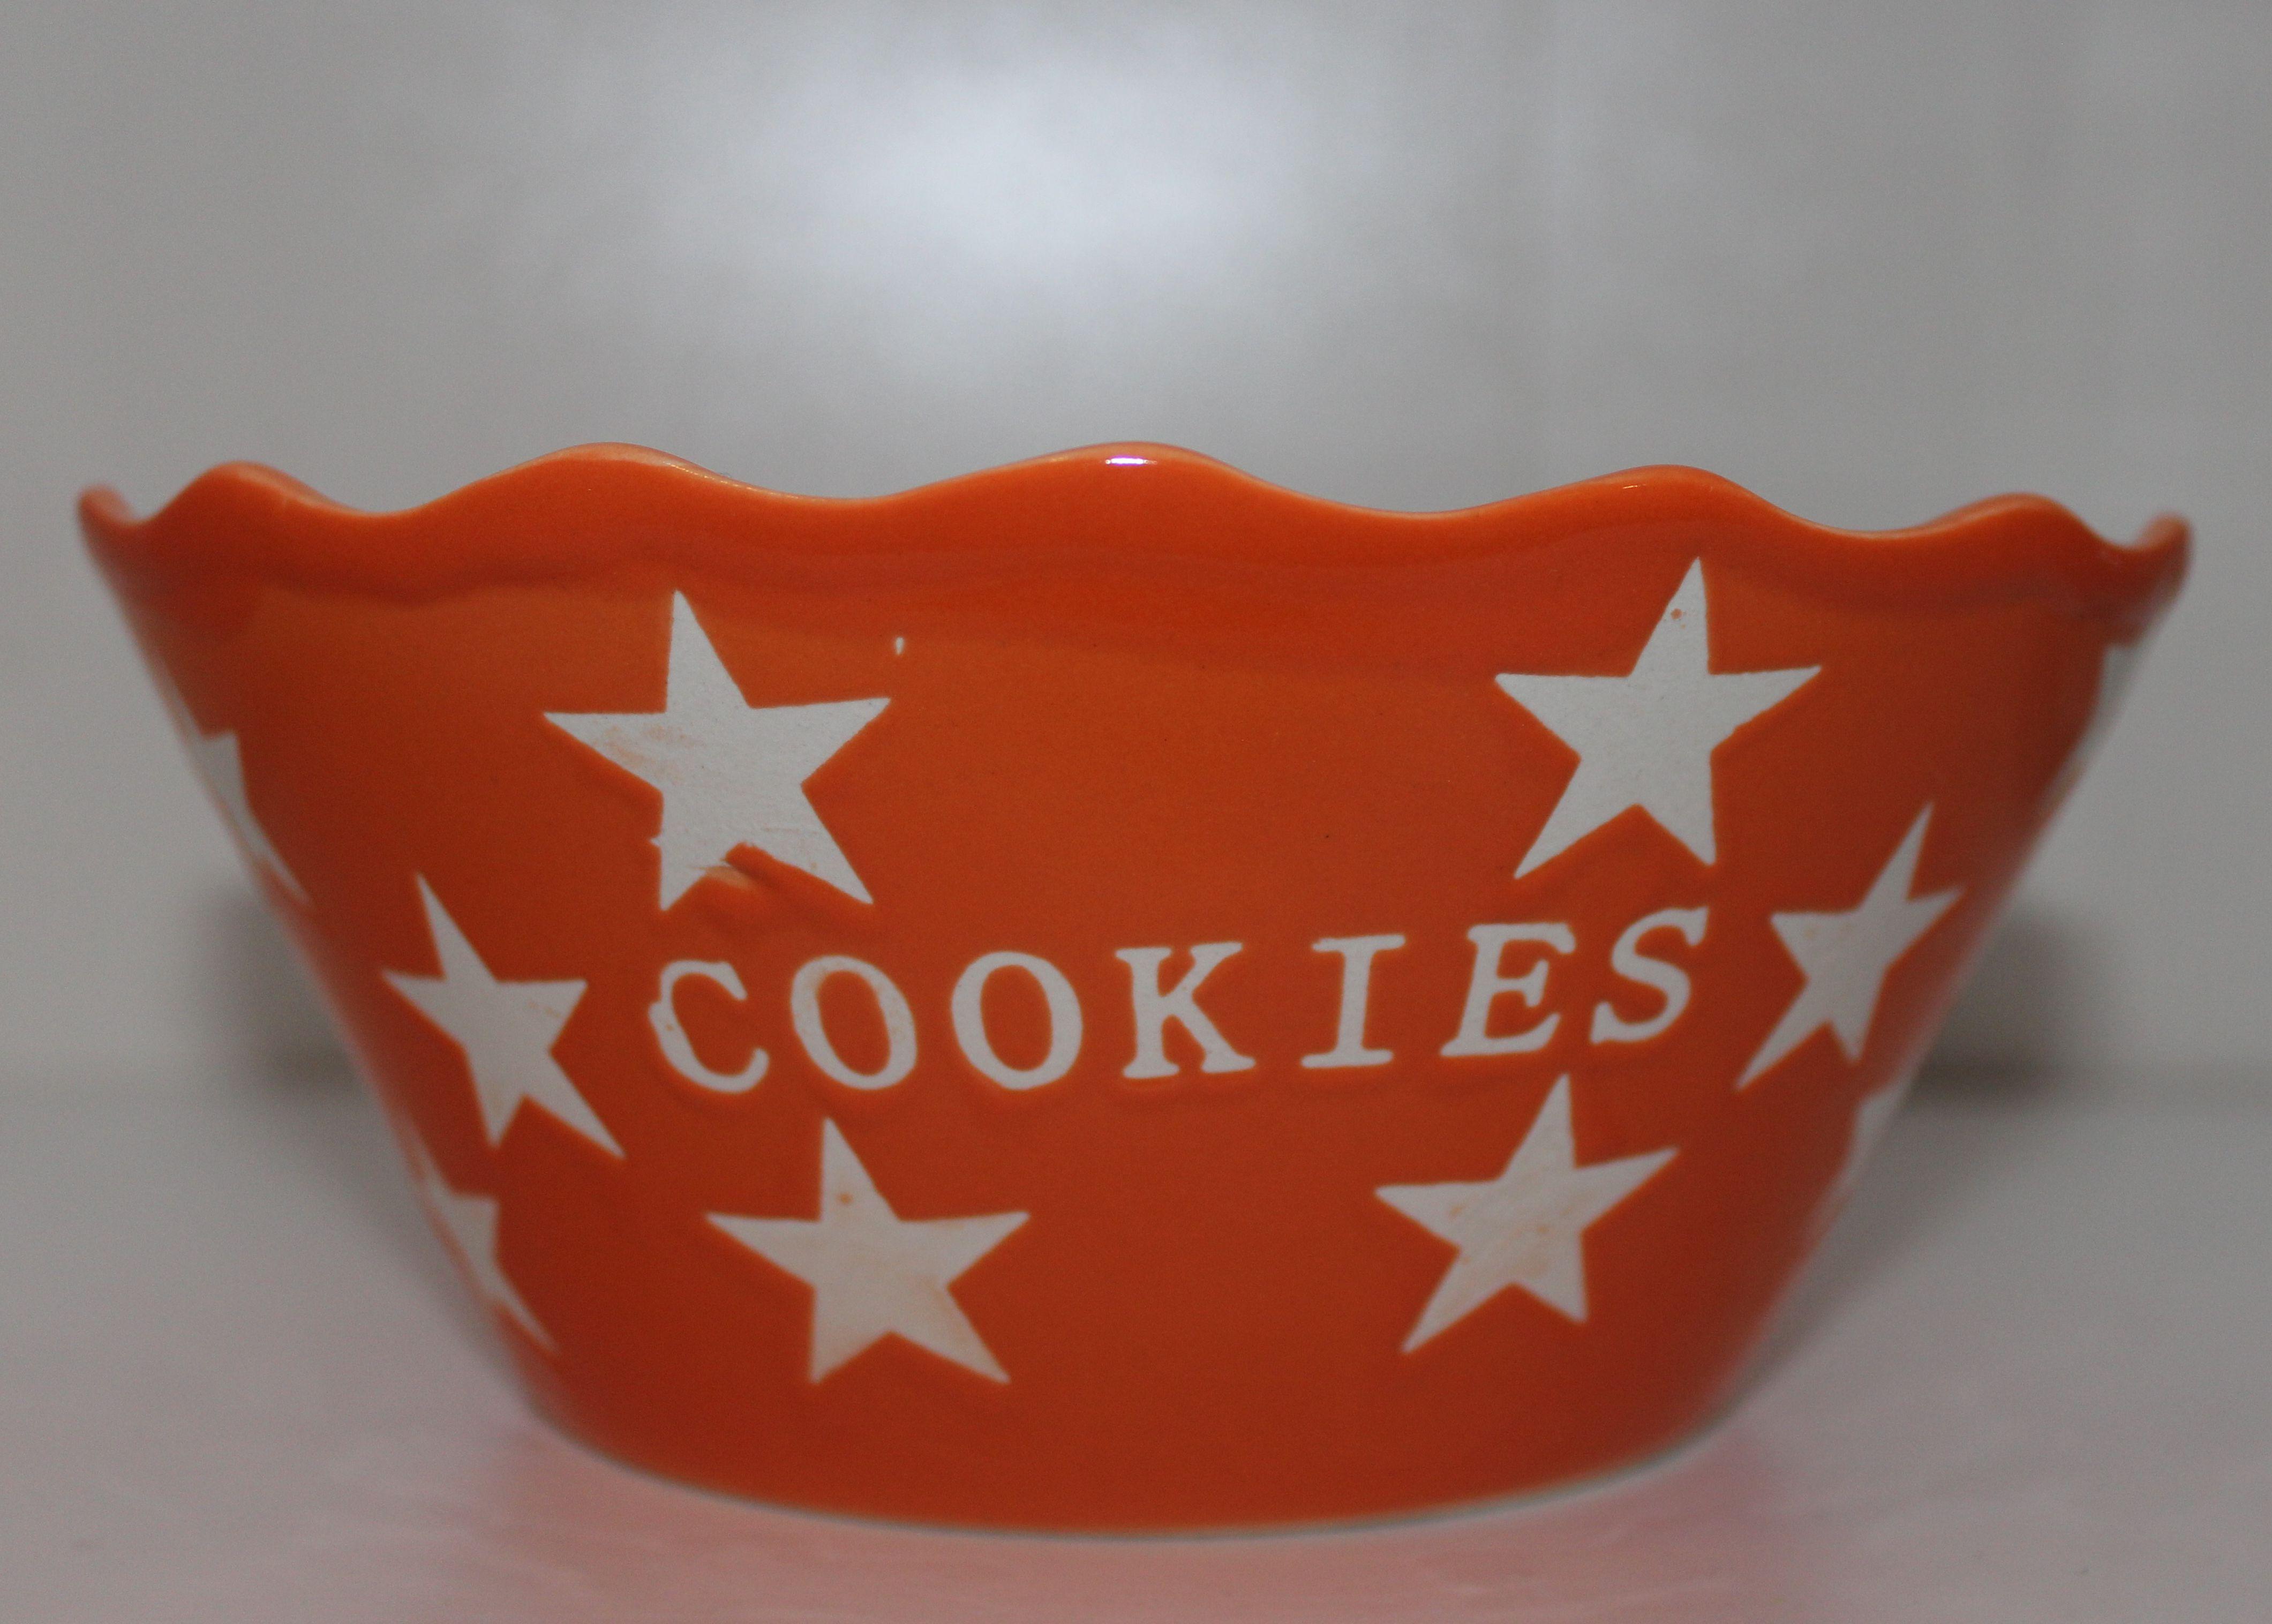 Cookies orangene Schale Schüssel mit Sternen Krasilnikoff